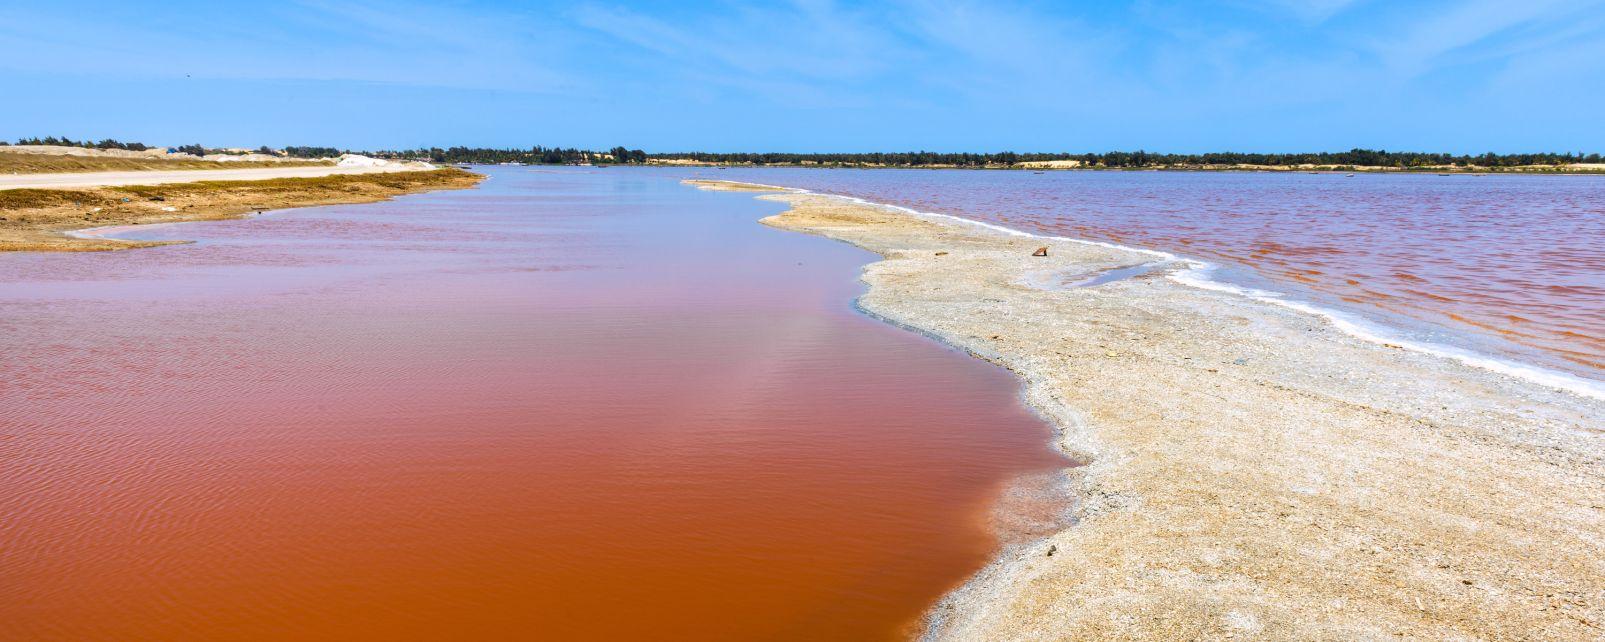 Lac Rose (Pink Lake), Le lac Rose, Landscapes, Dakar, Senegal